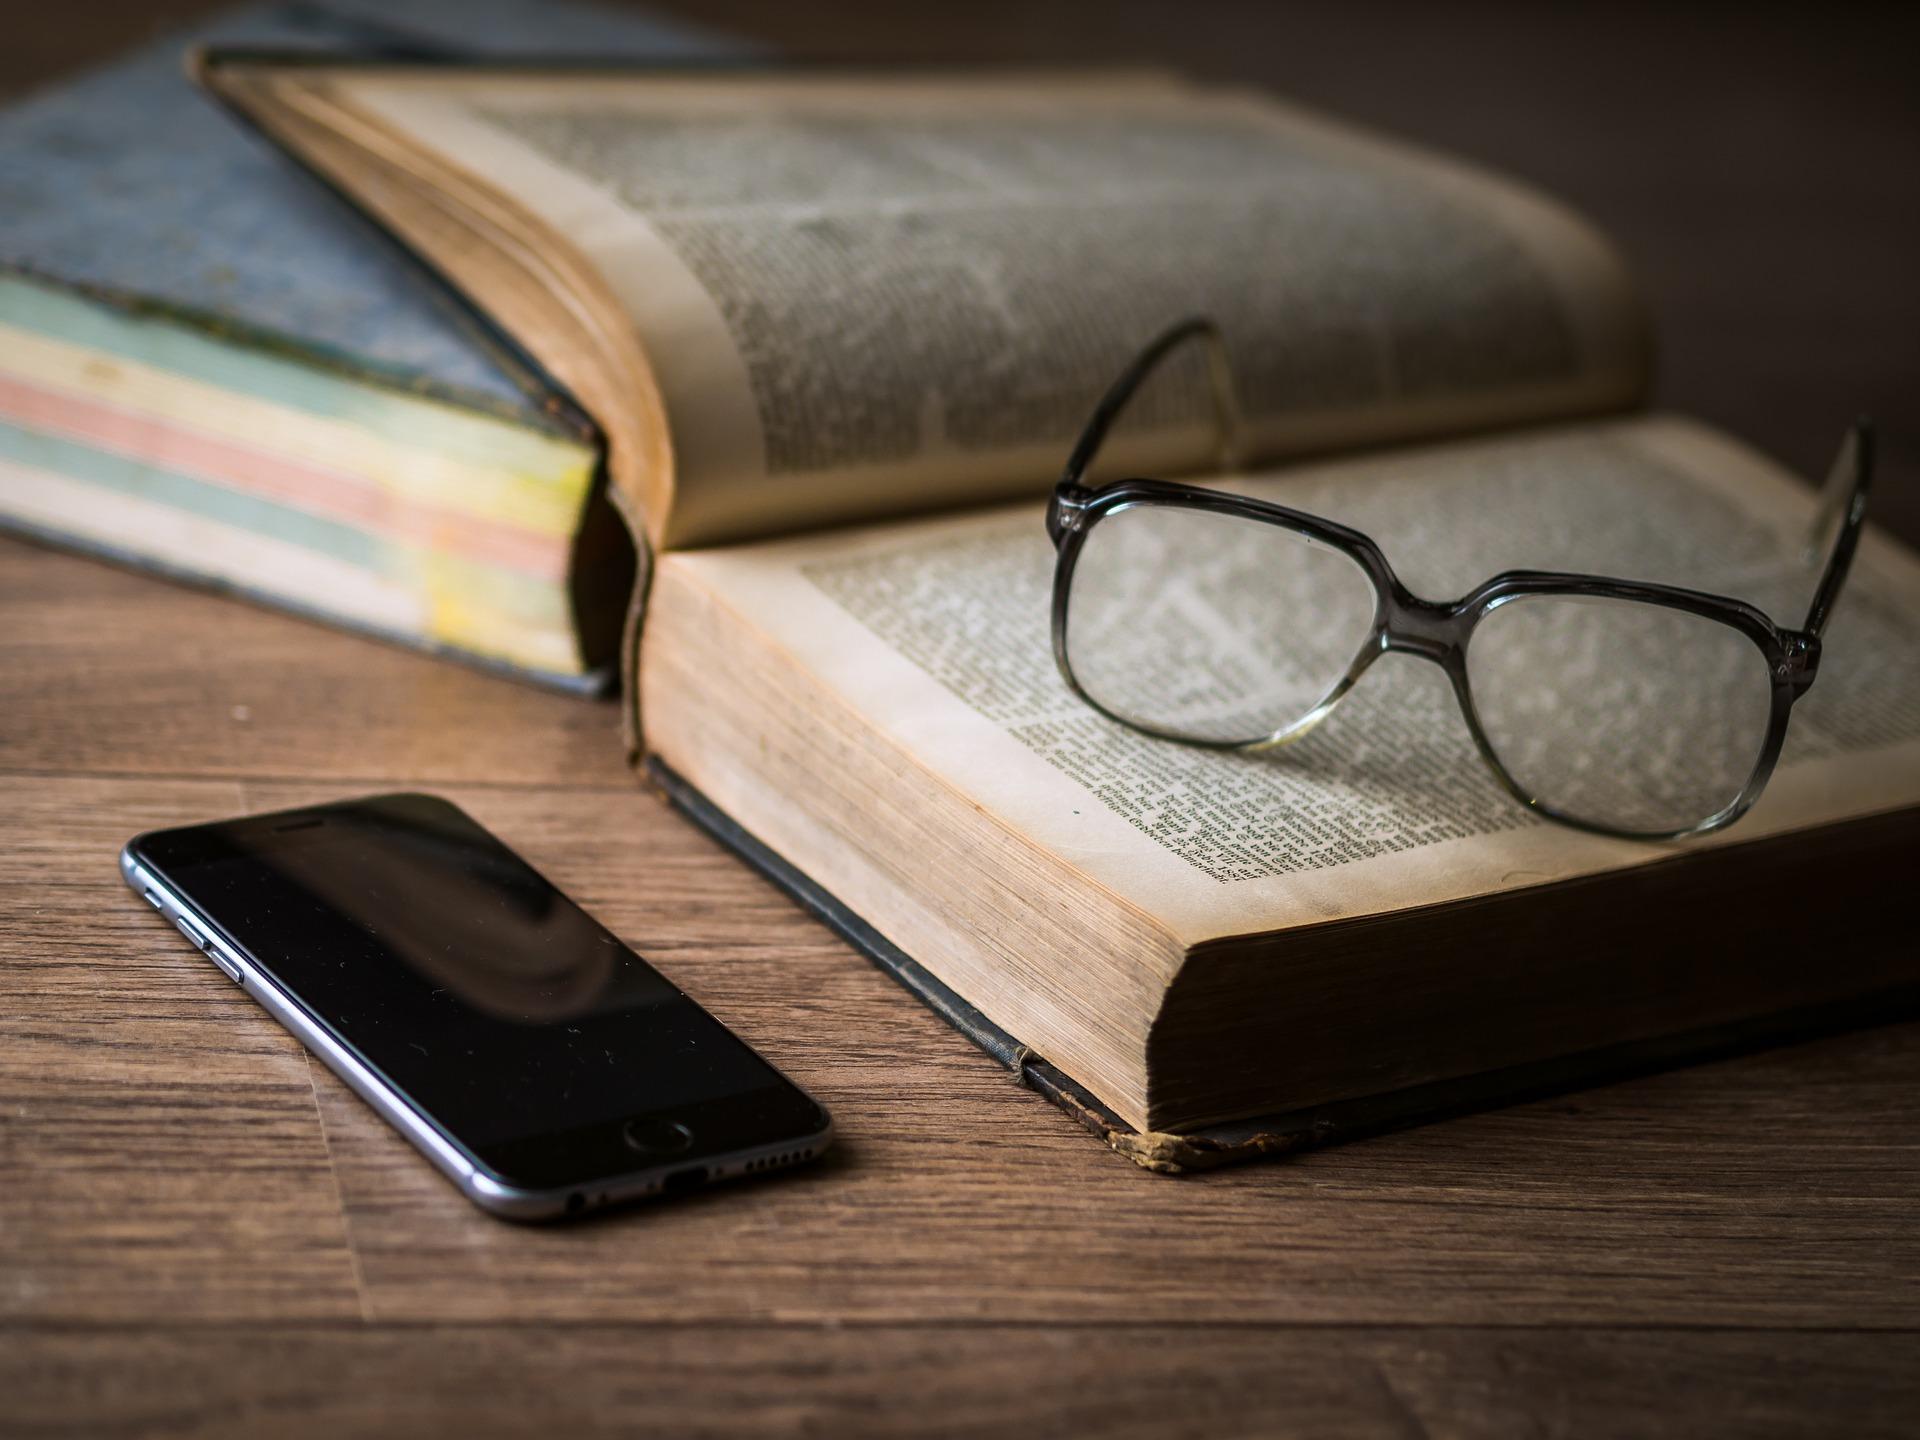 olvasószemüvegek